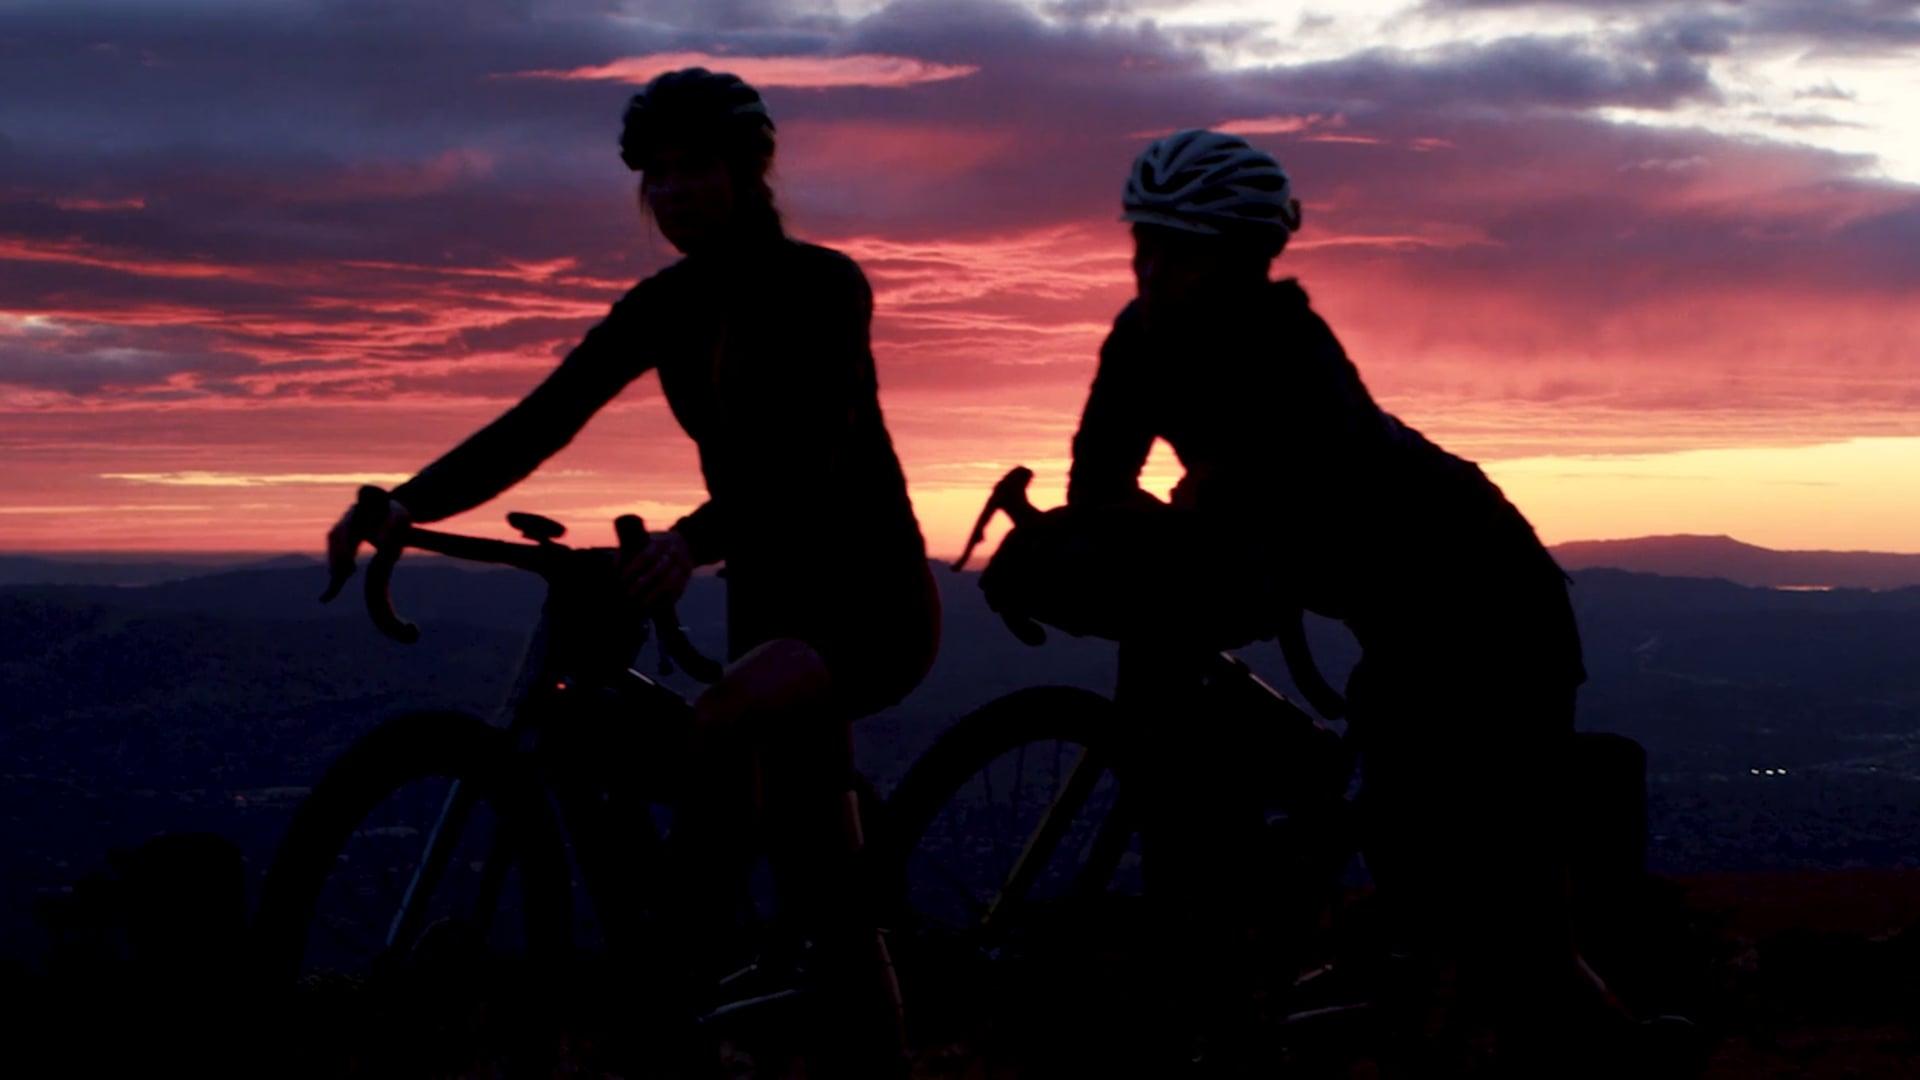 Mt. Diablo Bikepacking Trip: BMC Switzerland Brand Video